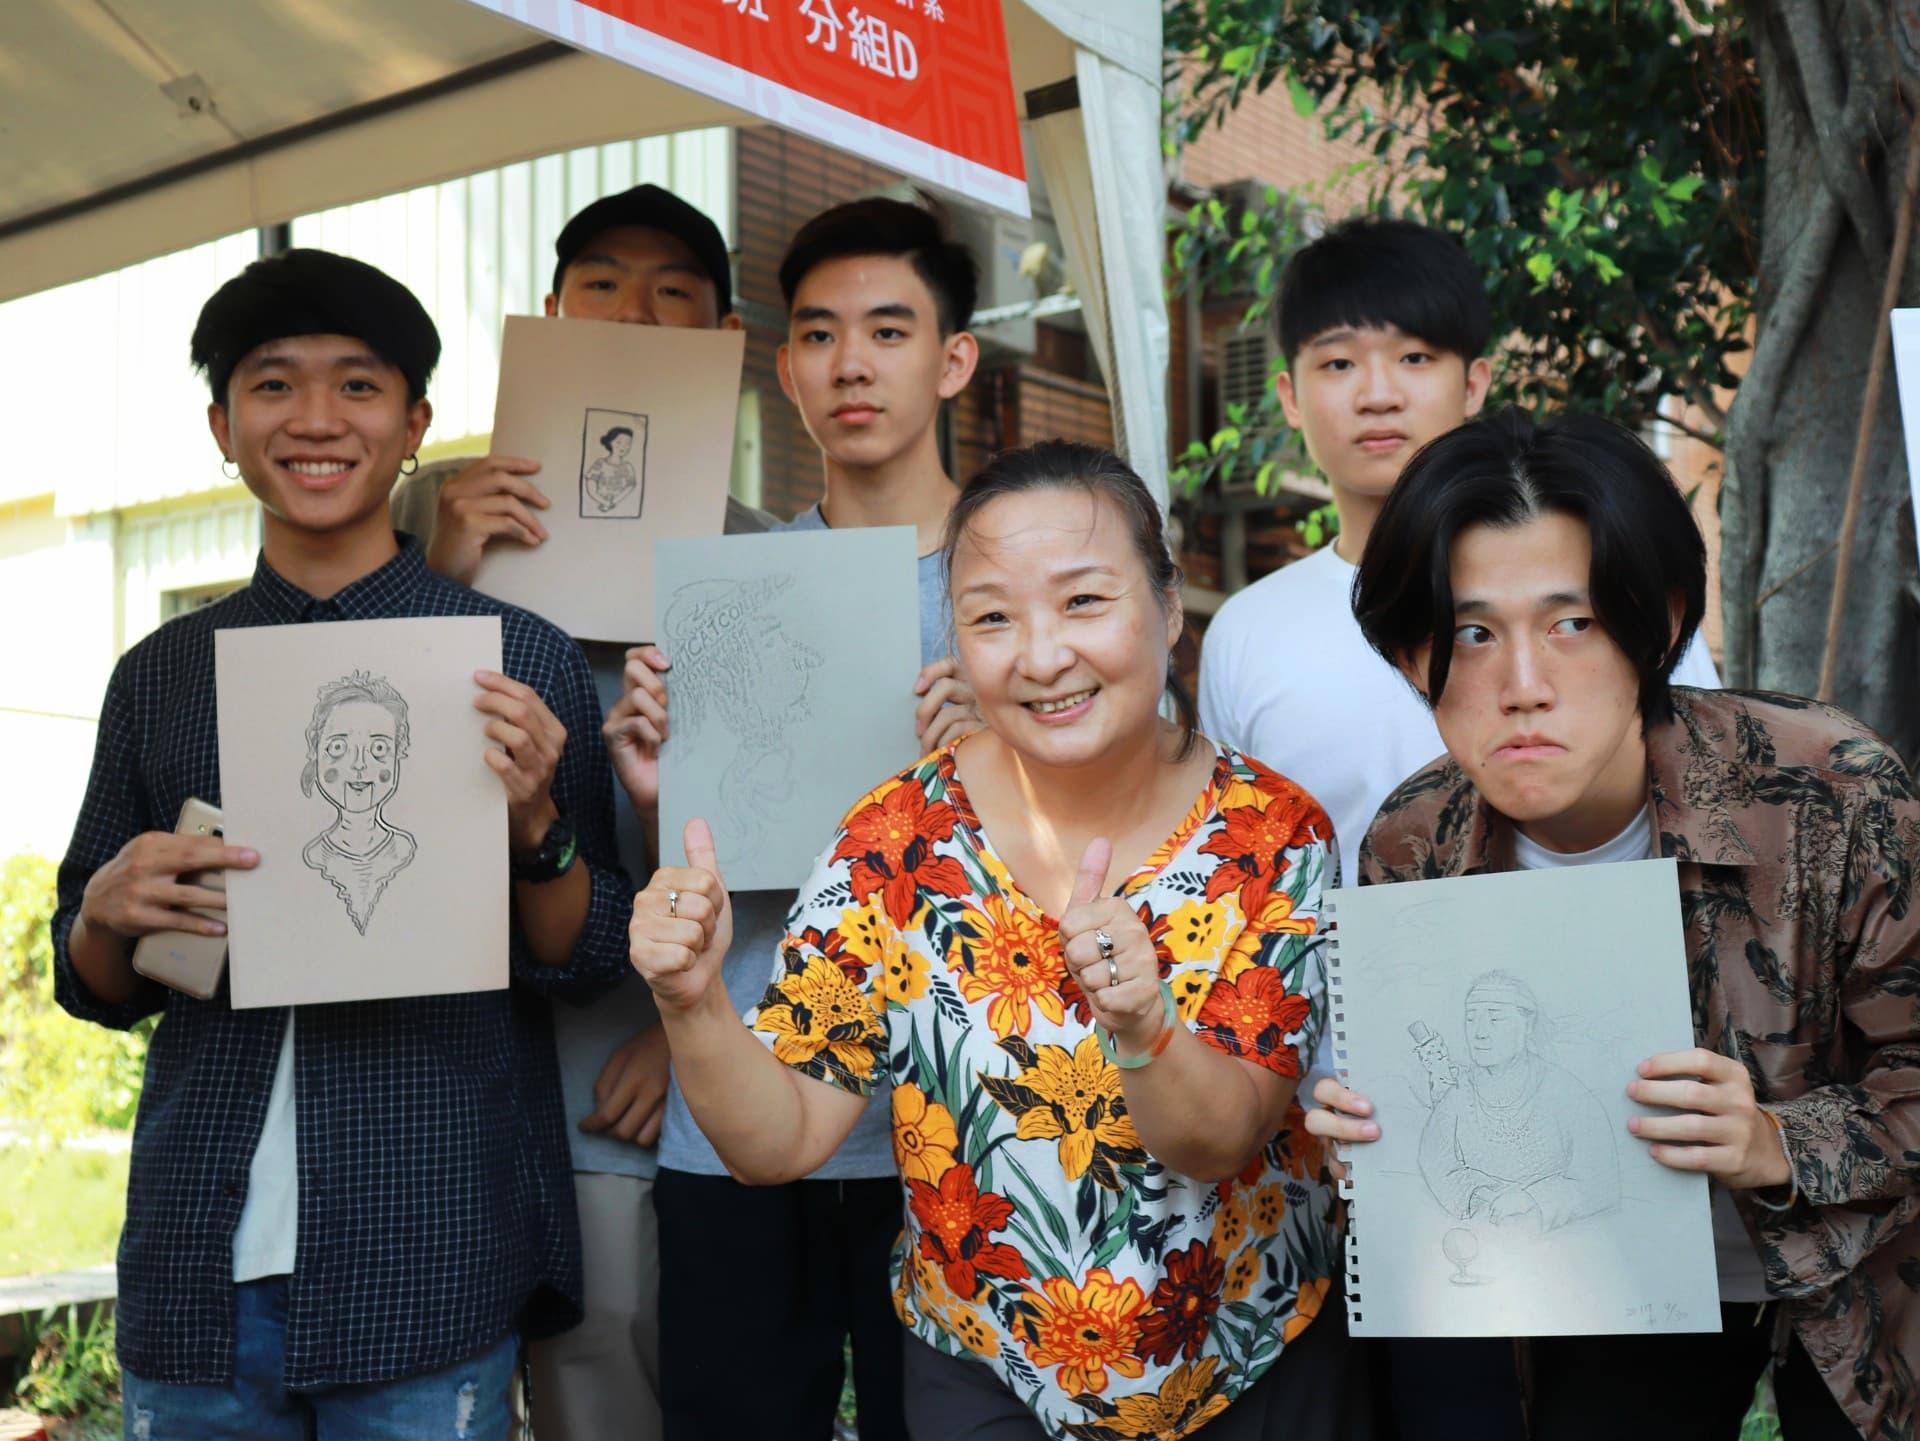 03.本校插畫專班學生現場為民眾進行插畫速寫,獲得民眾熱烈好評